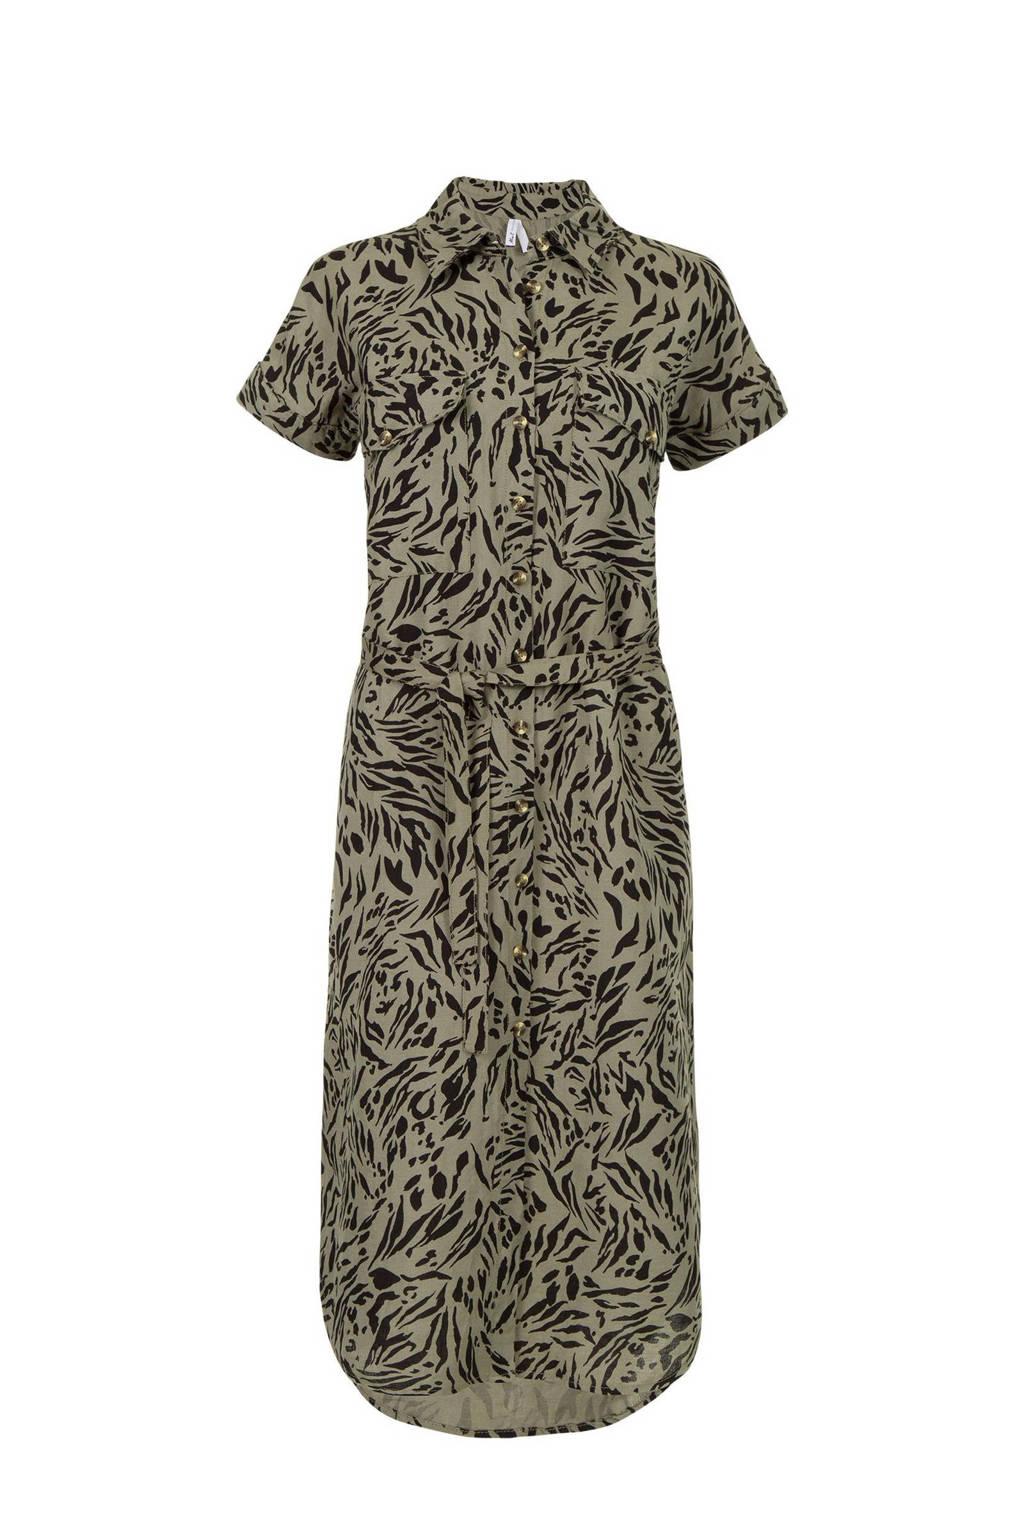 Miss Etam Regulier blousejurk met linnen en all over print groen/zwart, Groen/zwart